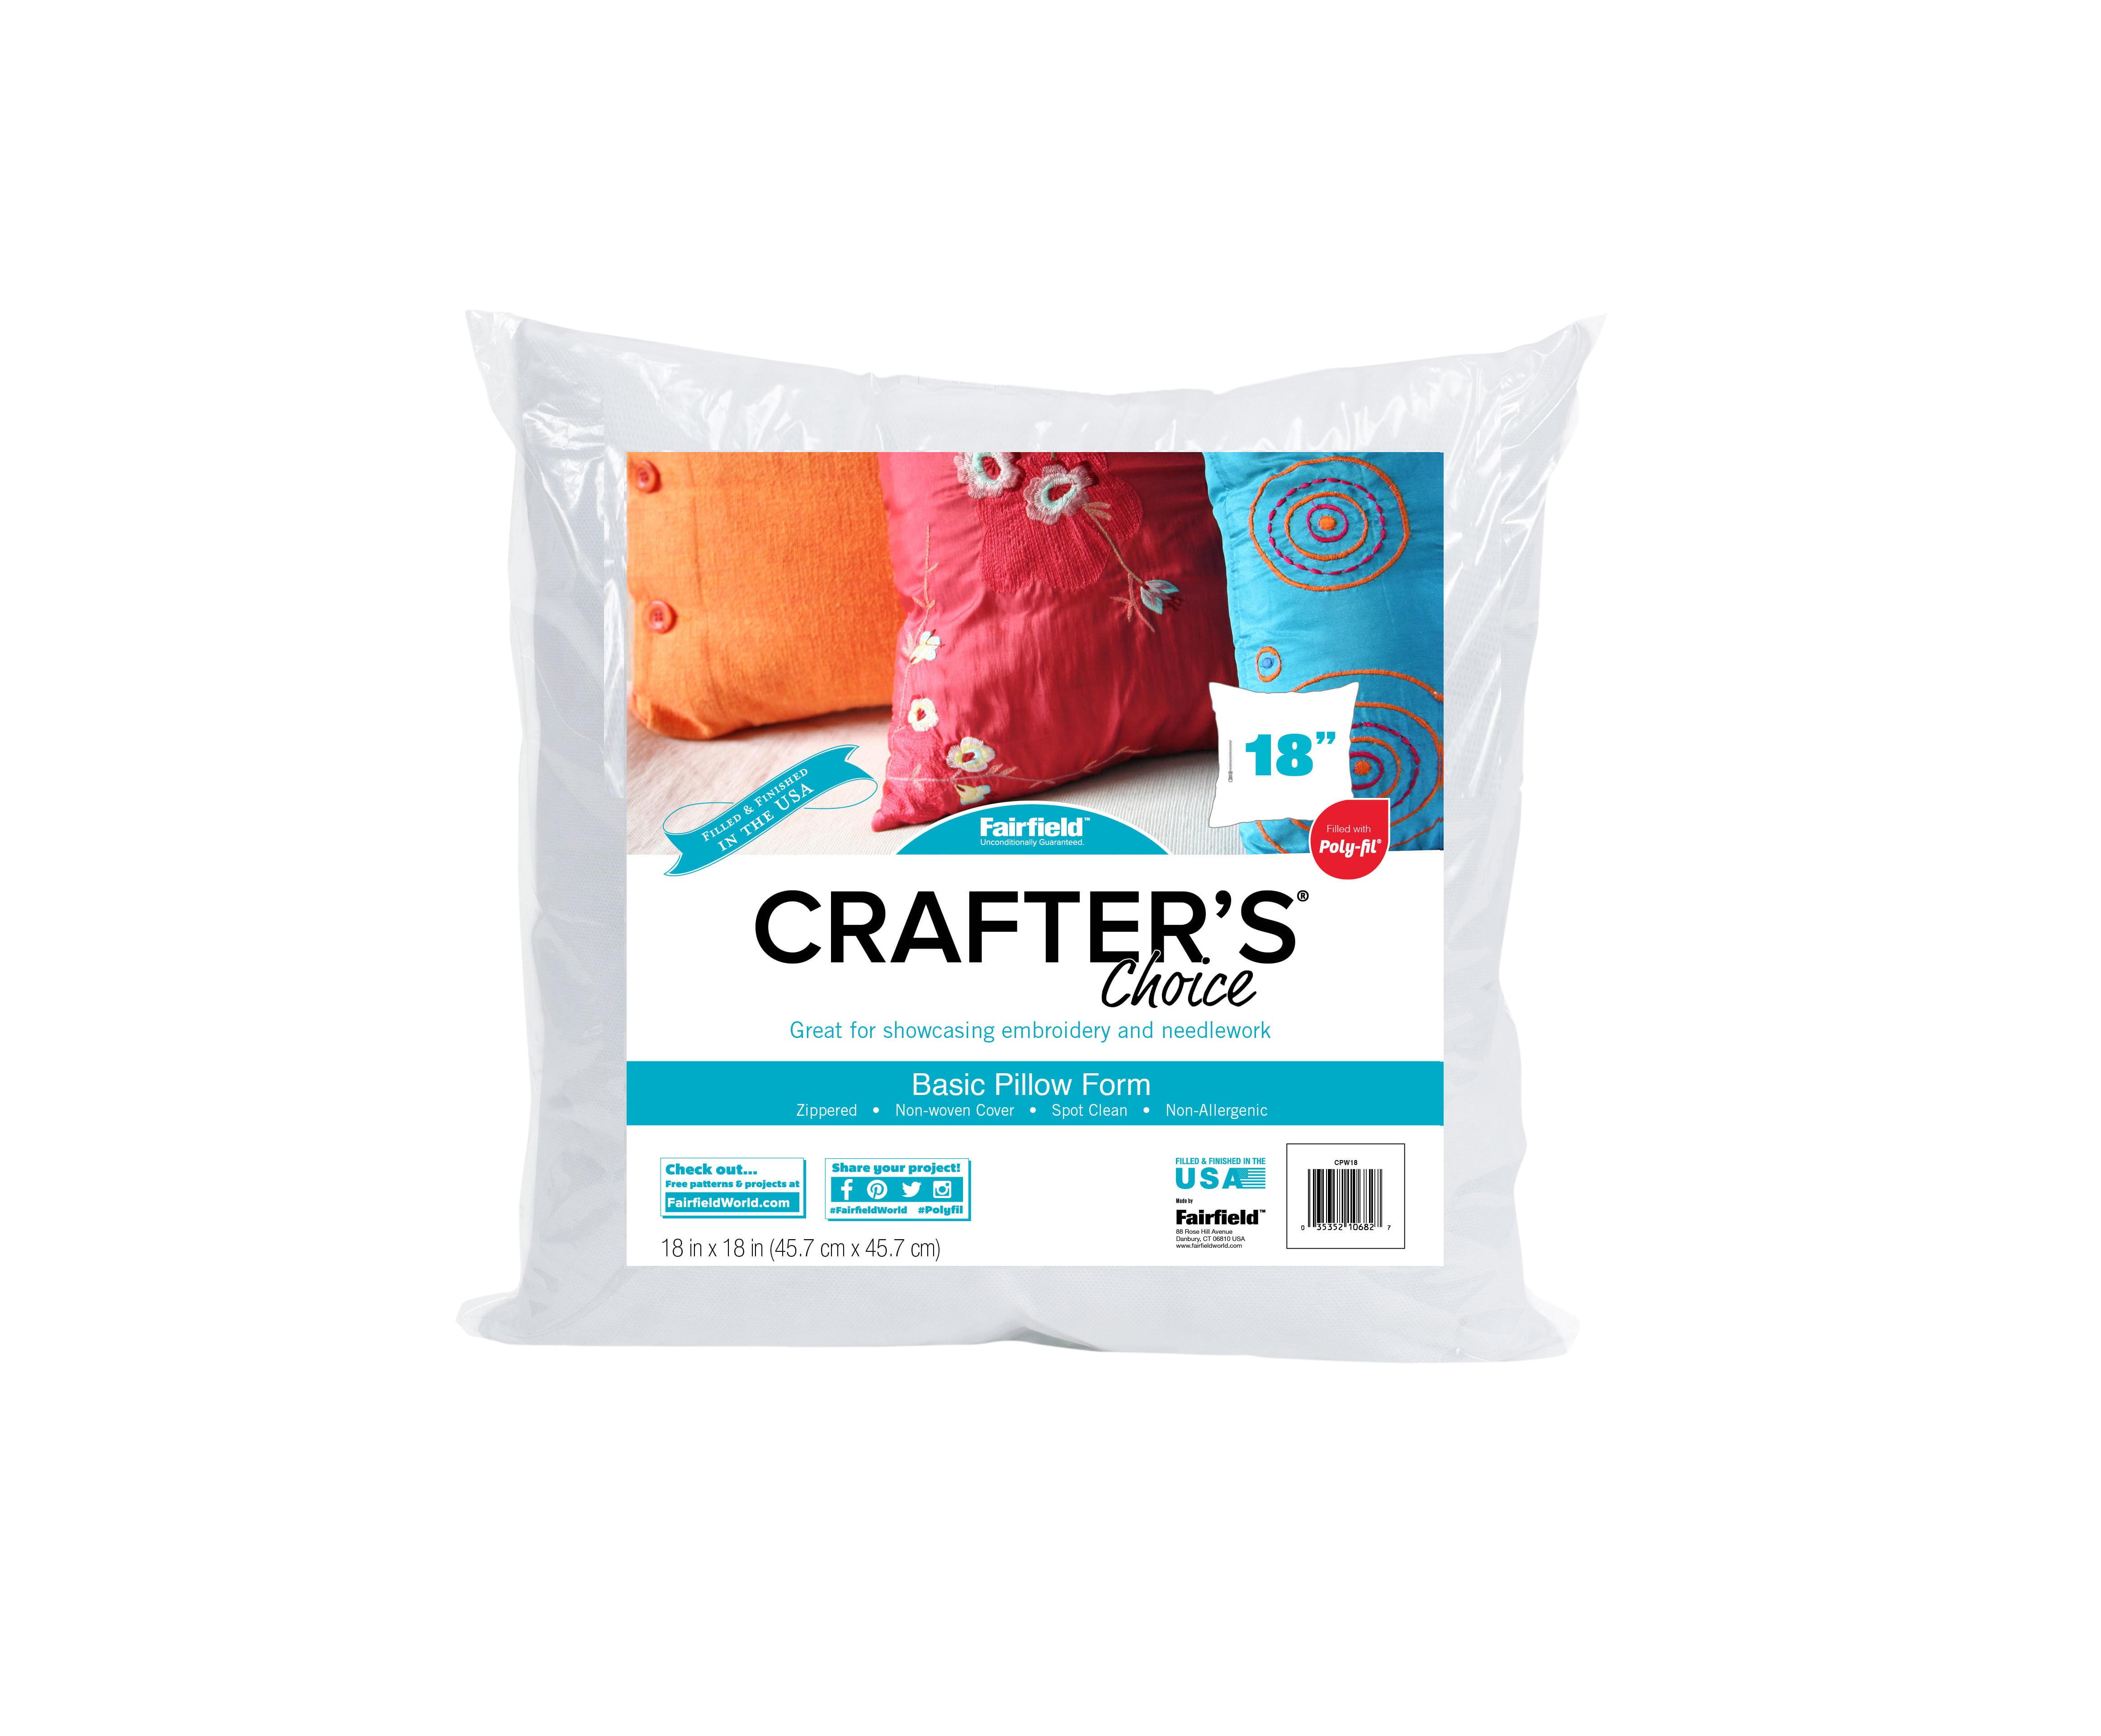 Fairfield Crafter S Choice Pillow Insert 18 X 18 1 Each Walmart Com Walmart Com